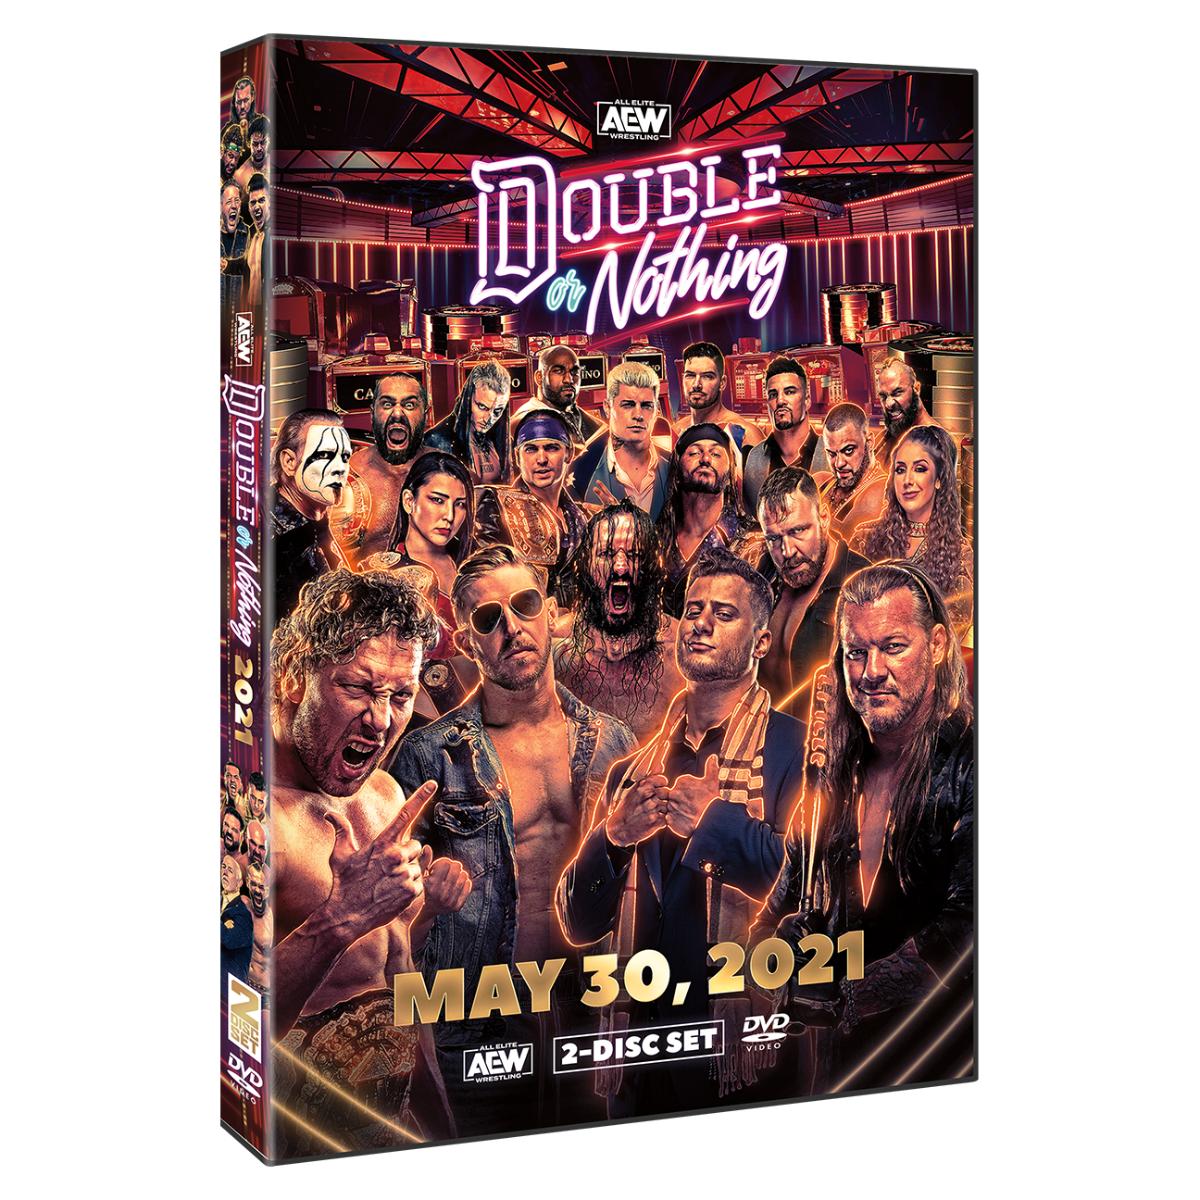 Official All Elite Wrestling DVDs